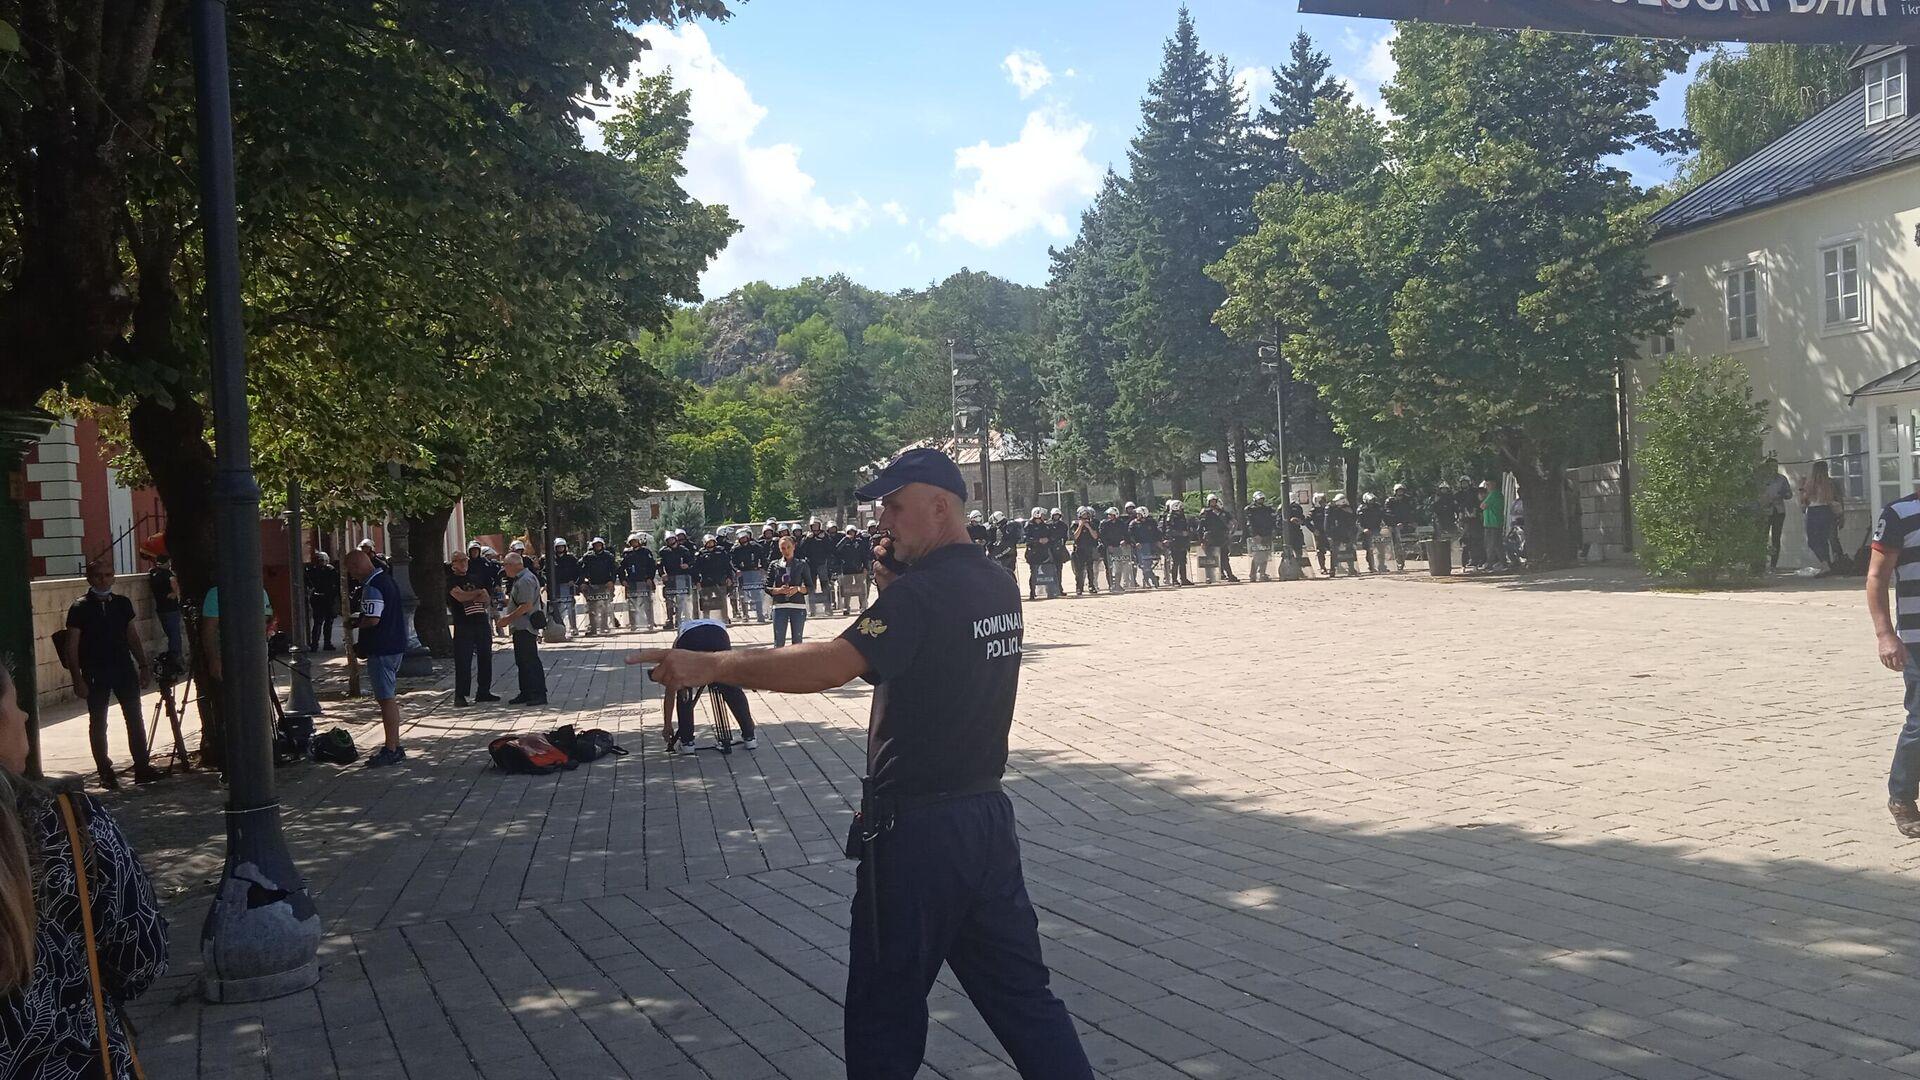 Полиција на Дворском тргу на Цетињу 4. Септембра  - Sputnik Србија, 1920, 30.09.2021